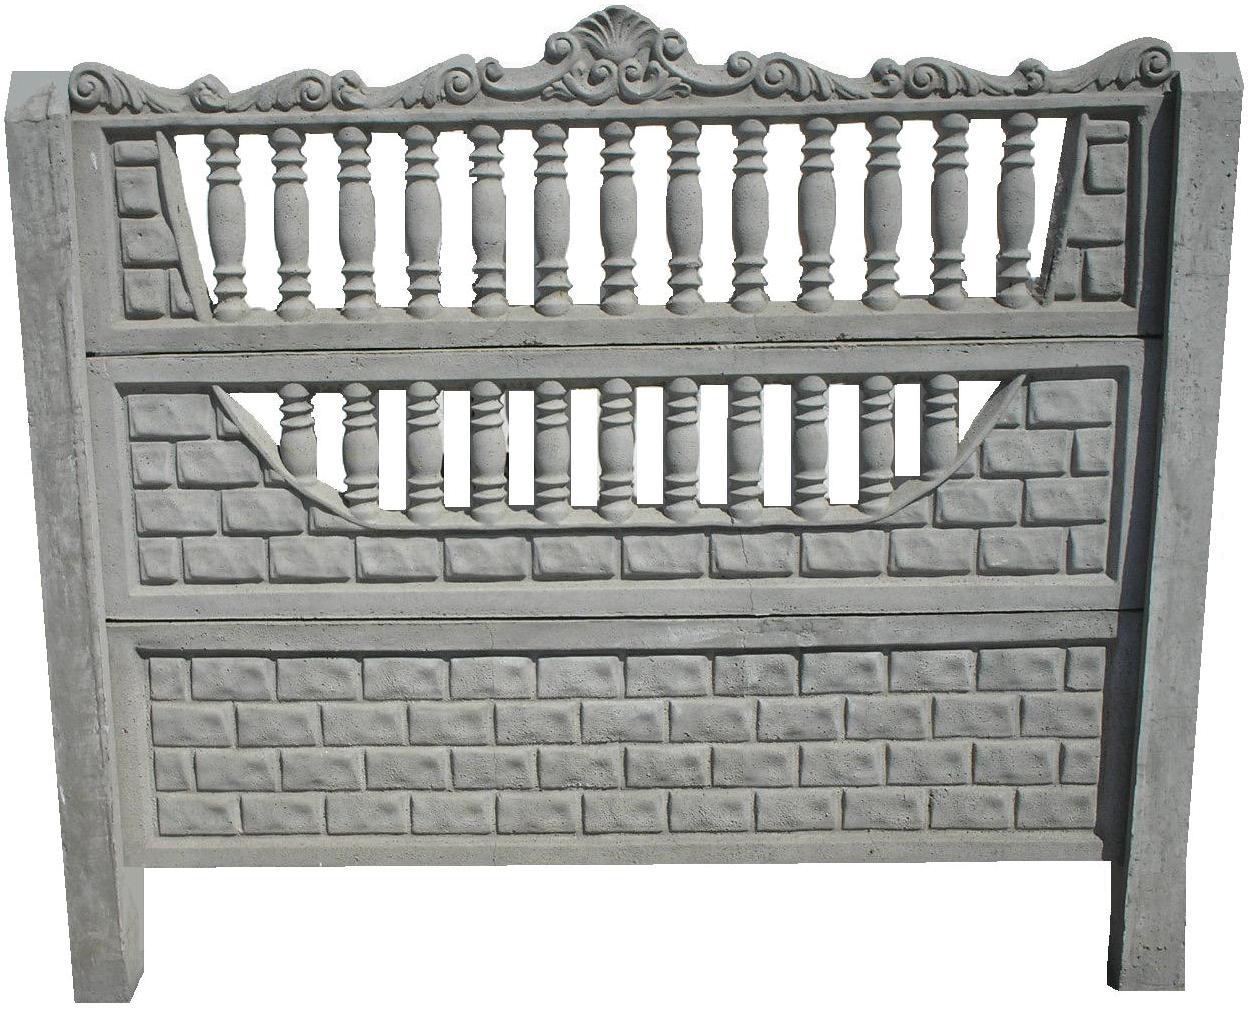 продам бетоний паркан недорого, зображення 1